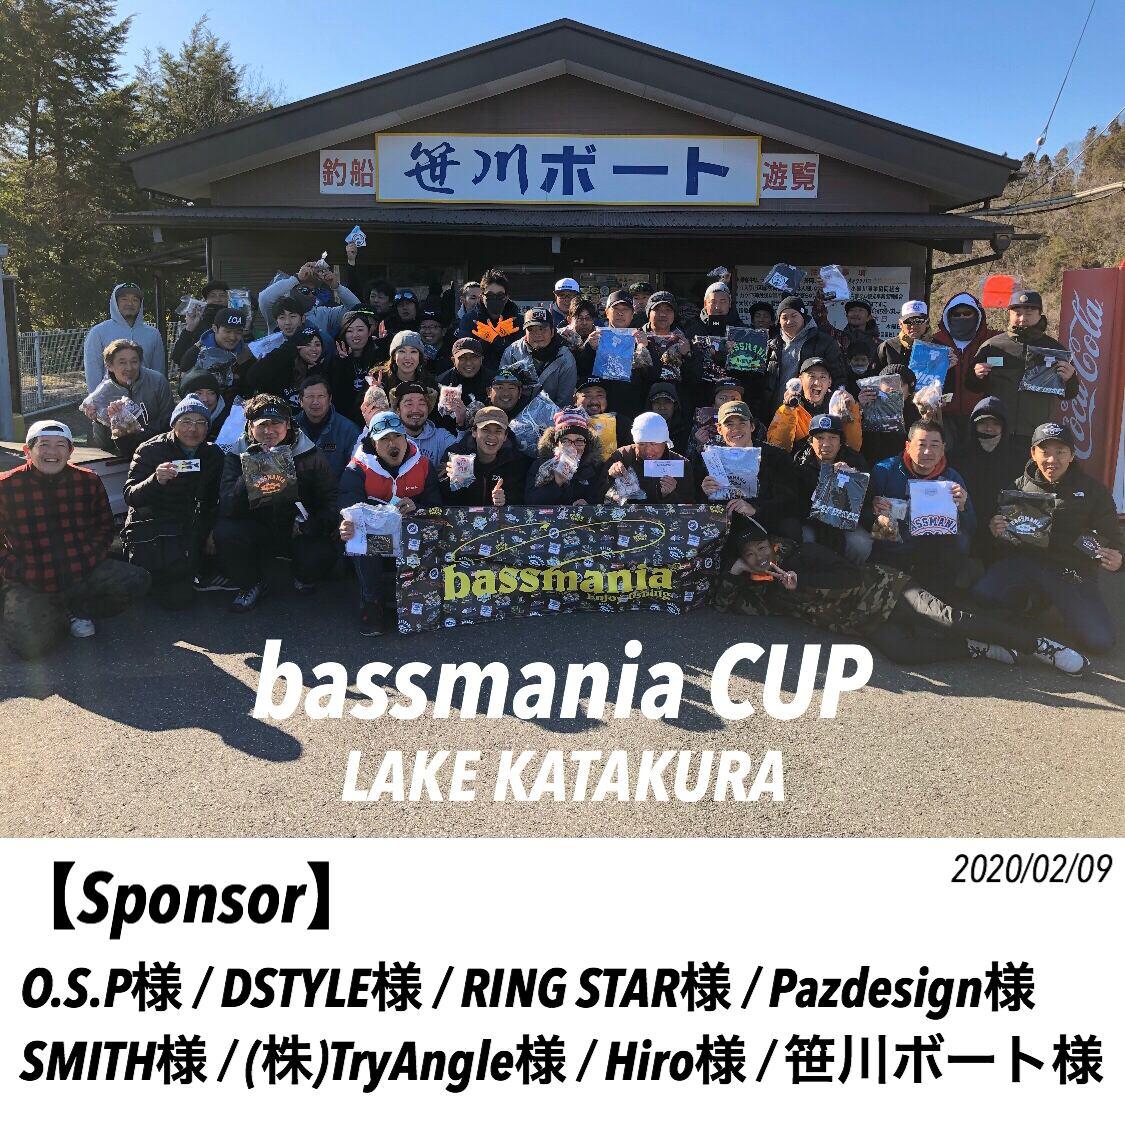 bassmania CUP ~2020 OPEN デジタルウェイイン in 片倉湖~ 2月9日(日曜日)  千葉県・片倉ダム/レンタルボート笹川